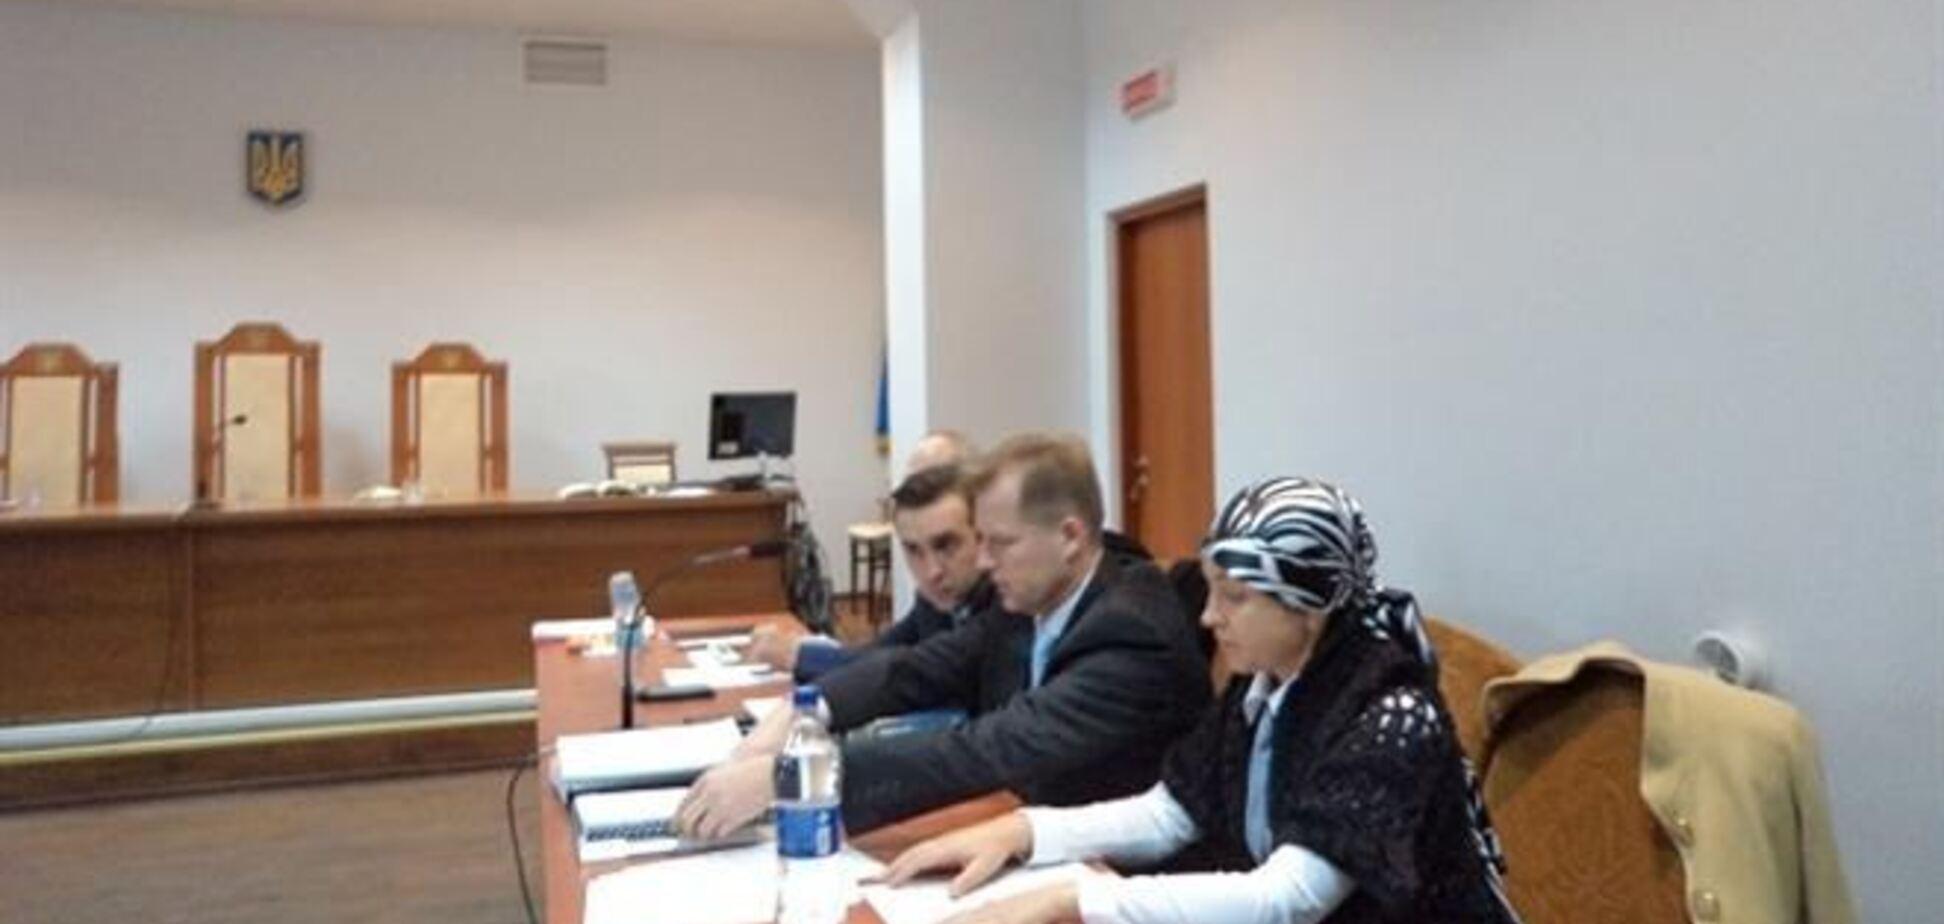 Крашкова требует от насильников 500 тыс. грн морального ущерба?